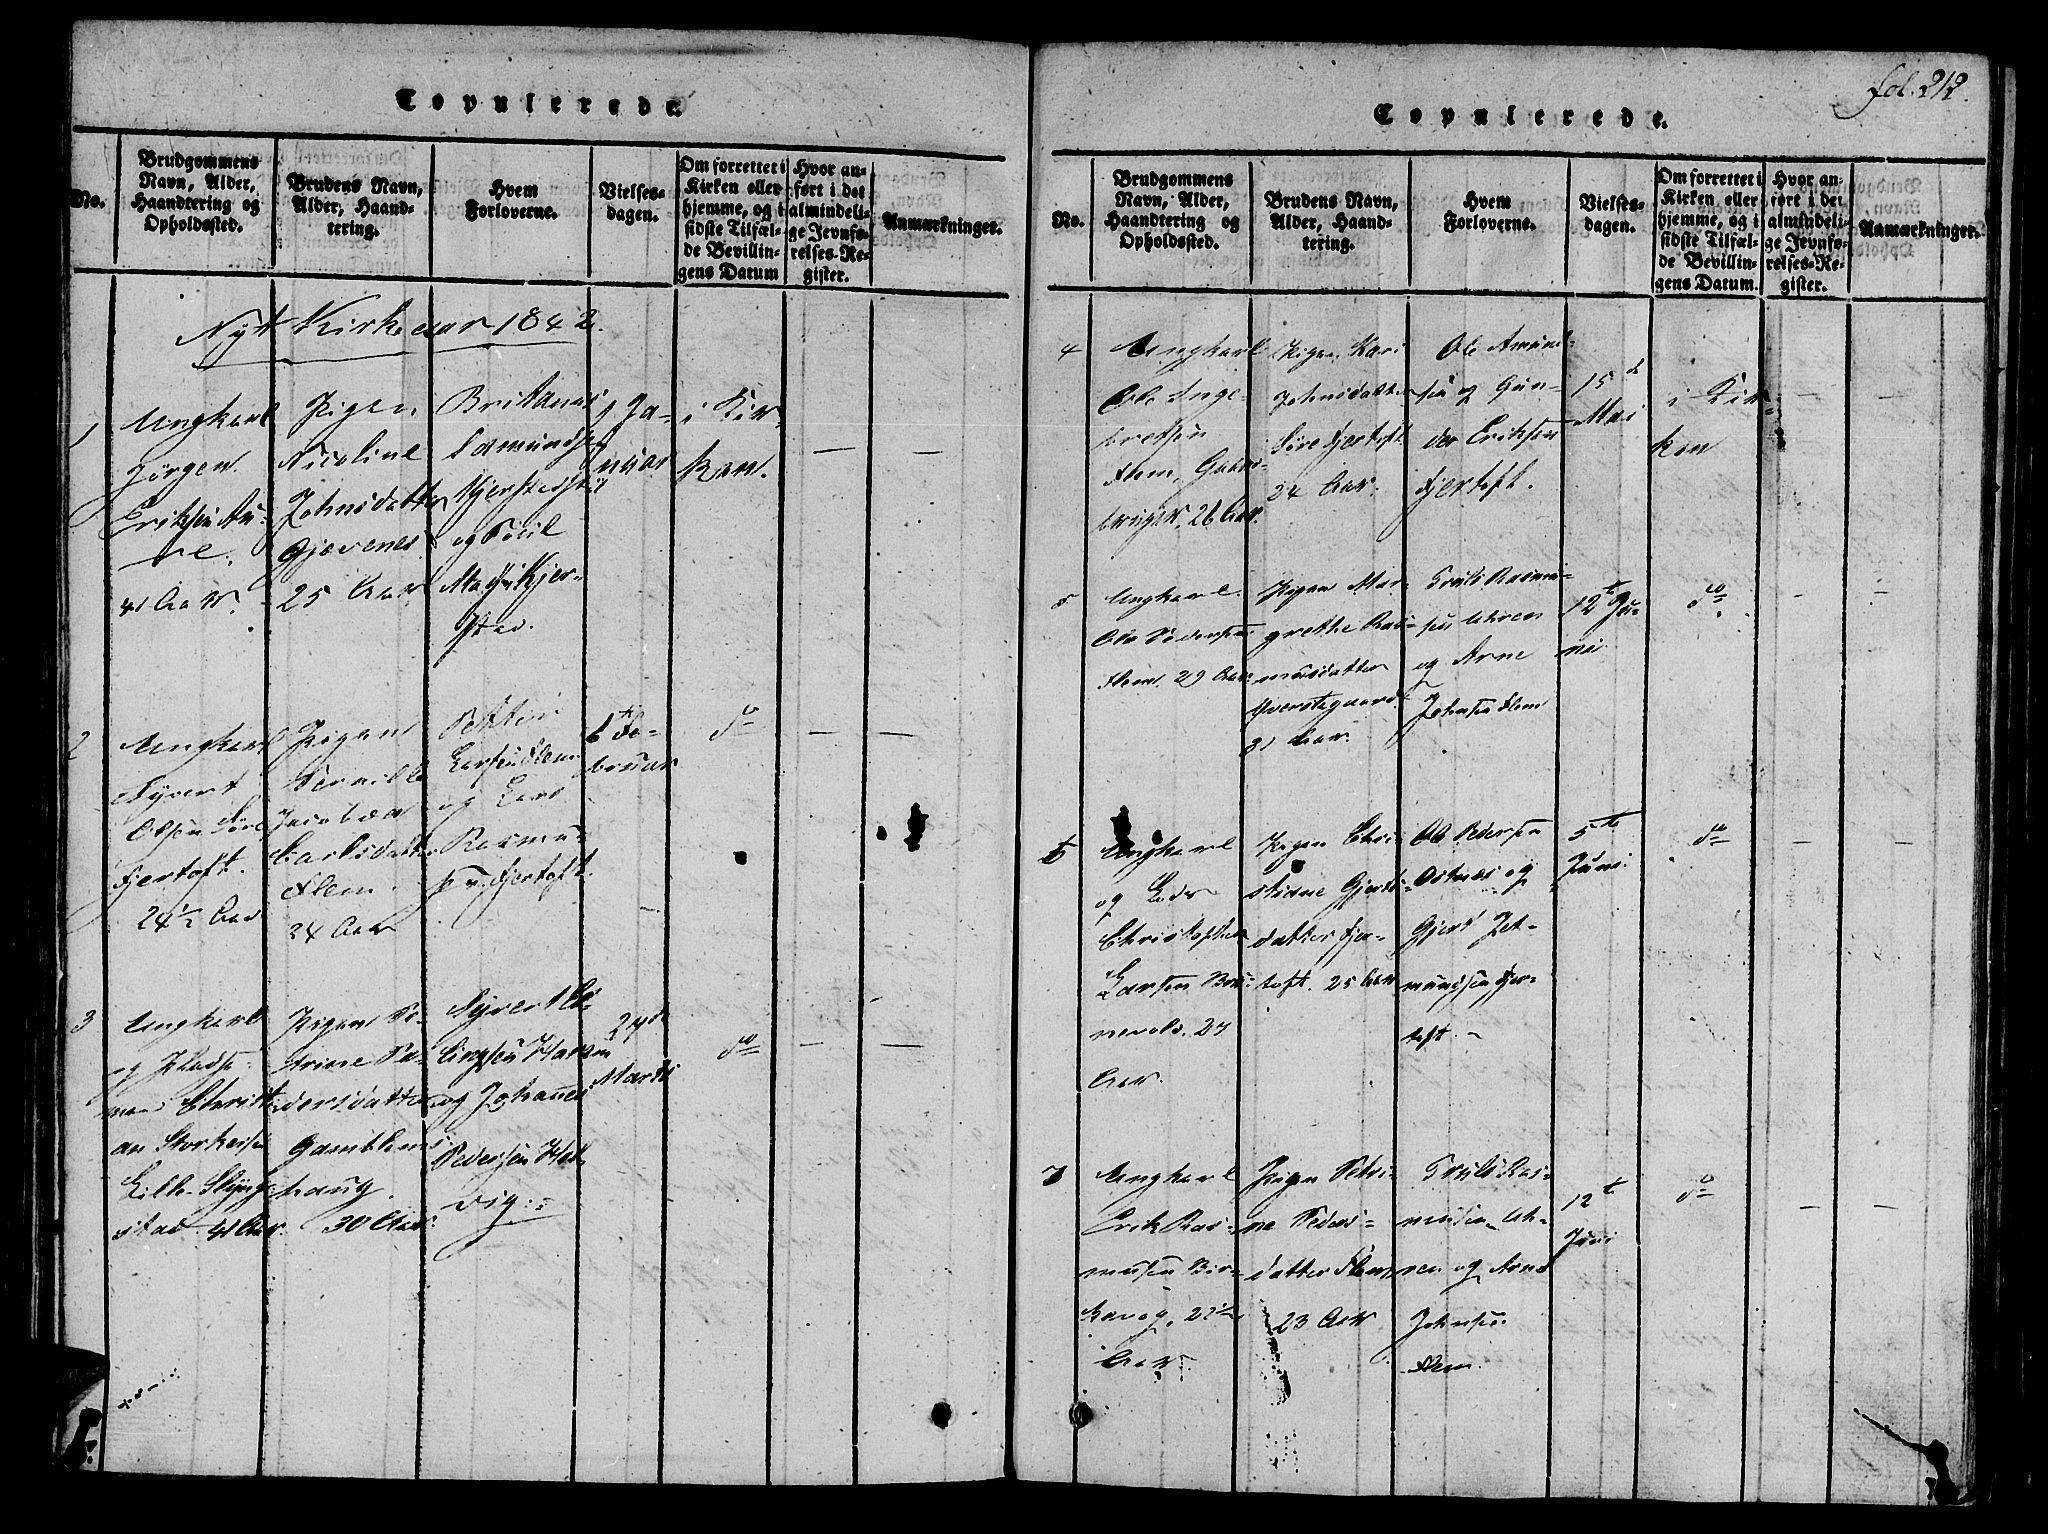 SAT, Ministerialprotokoller, klokkerbøker og fødselsregistre - Møre og Romsdal, 536/L0495: Ministerialbok nr. 536A04, 1818-1847, s. 212